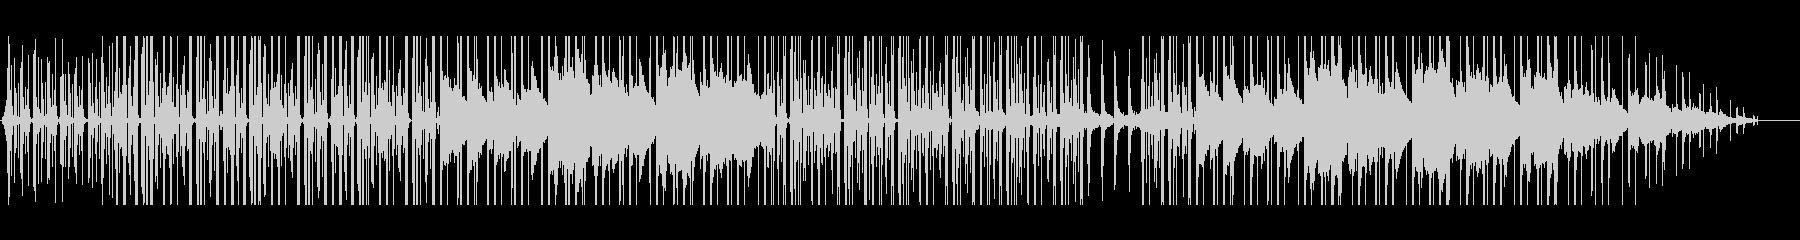 お洒落な映像作品向け雨音イメージのBGMの未再生の波形